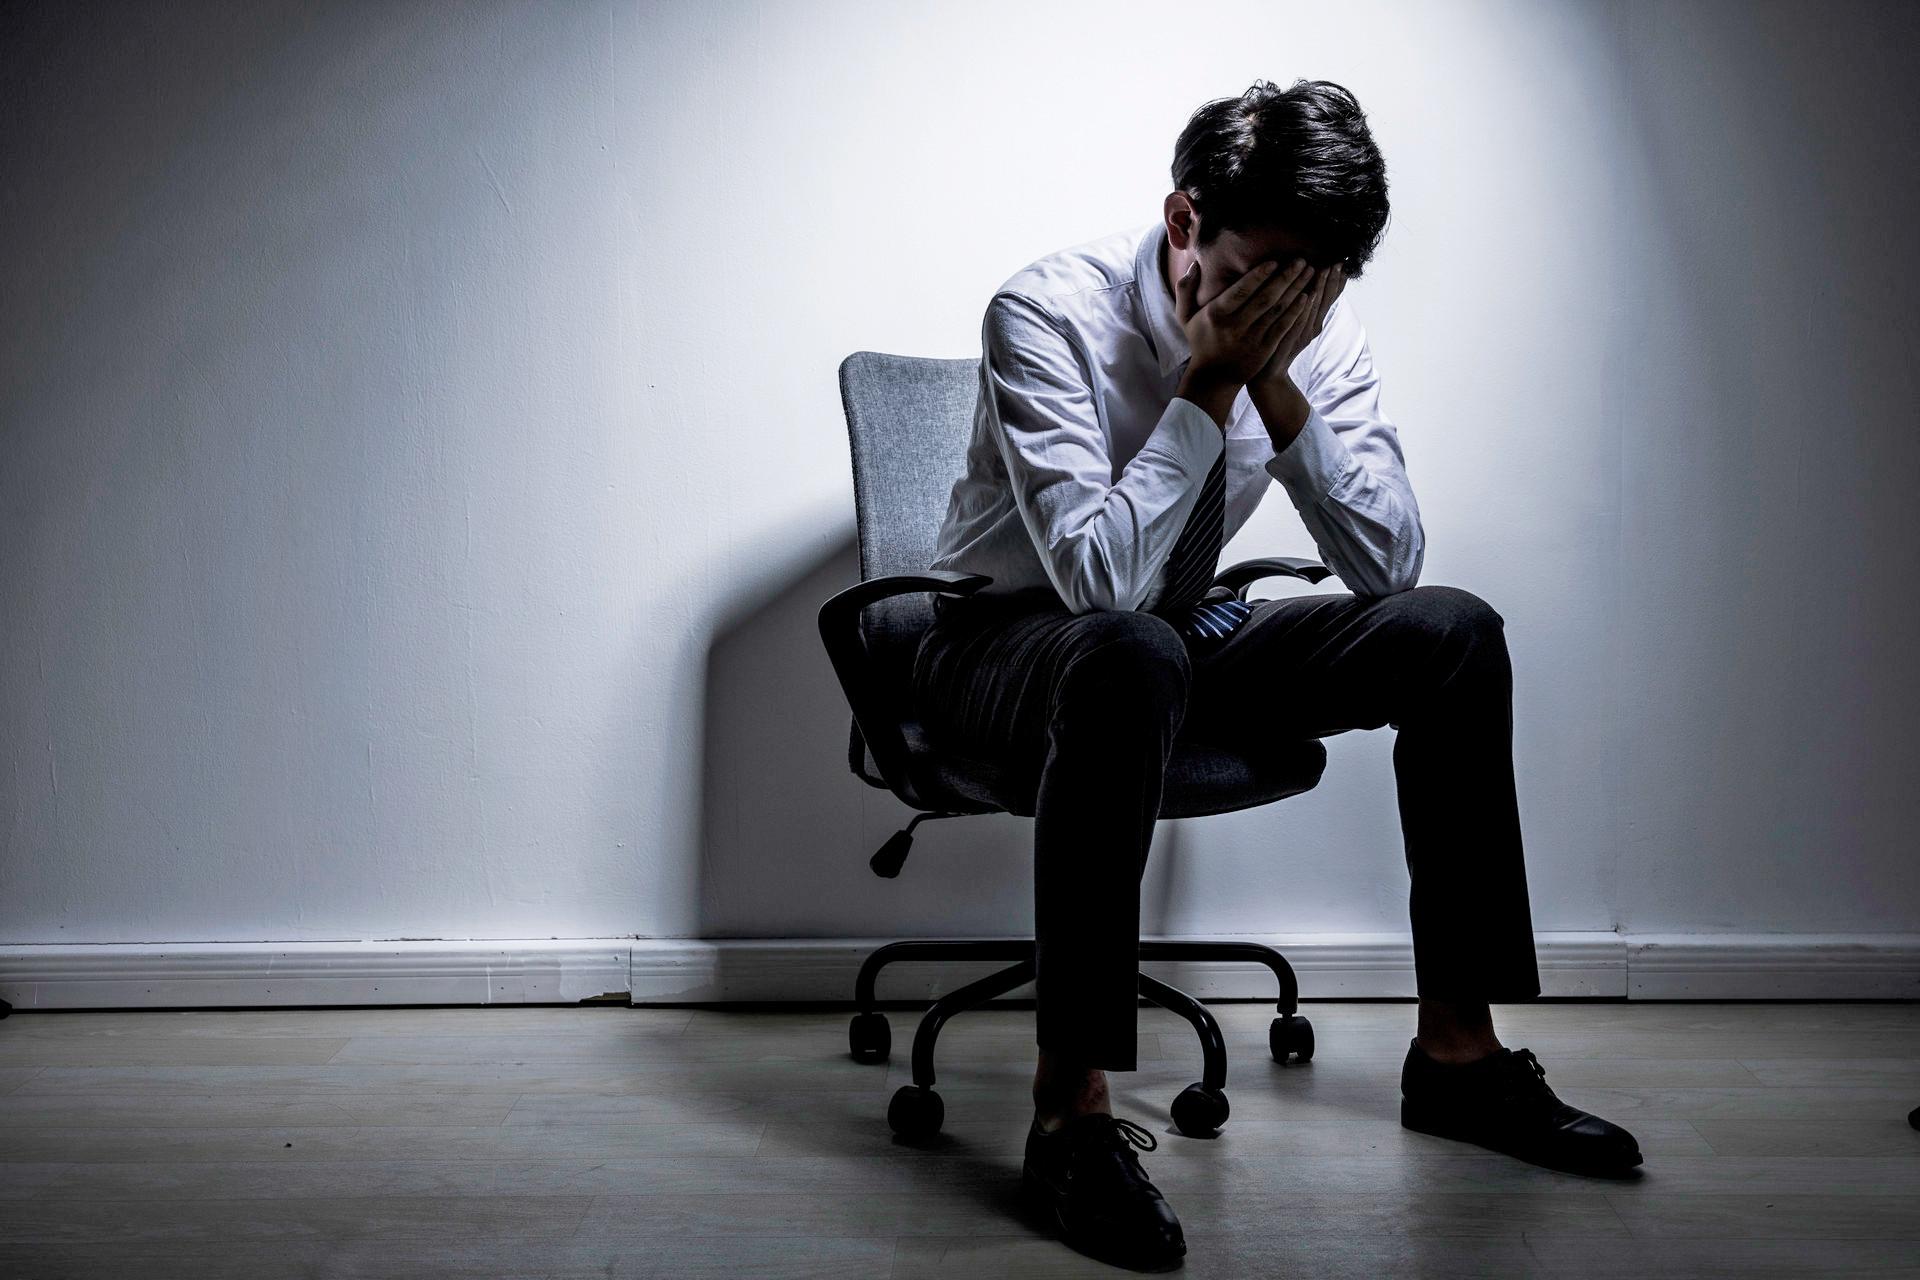 天游平台注册地址关注!全球约2.8亿人患抑郁症,我国青少年抑郁检出率为24.6%,抑郁症早期四大征兆...